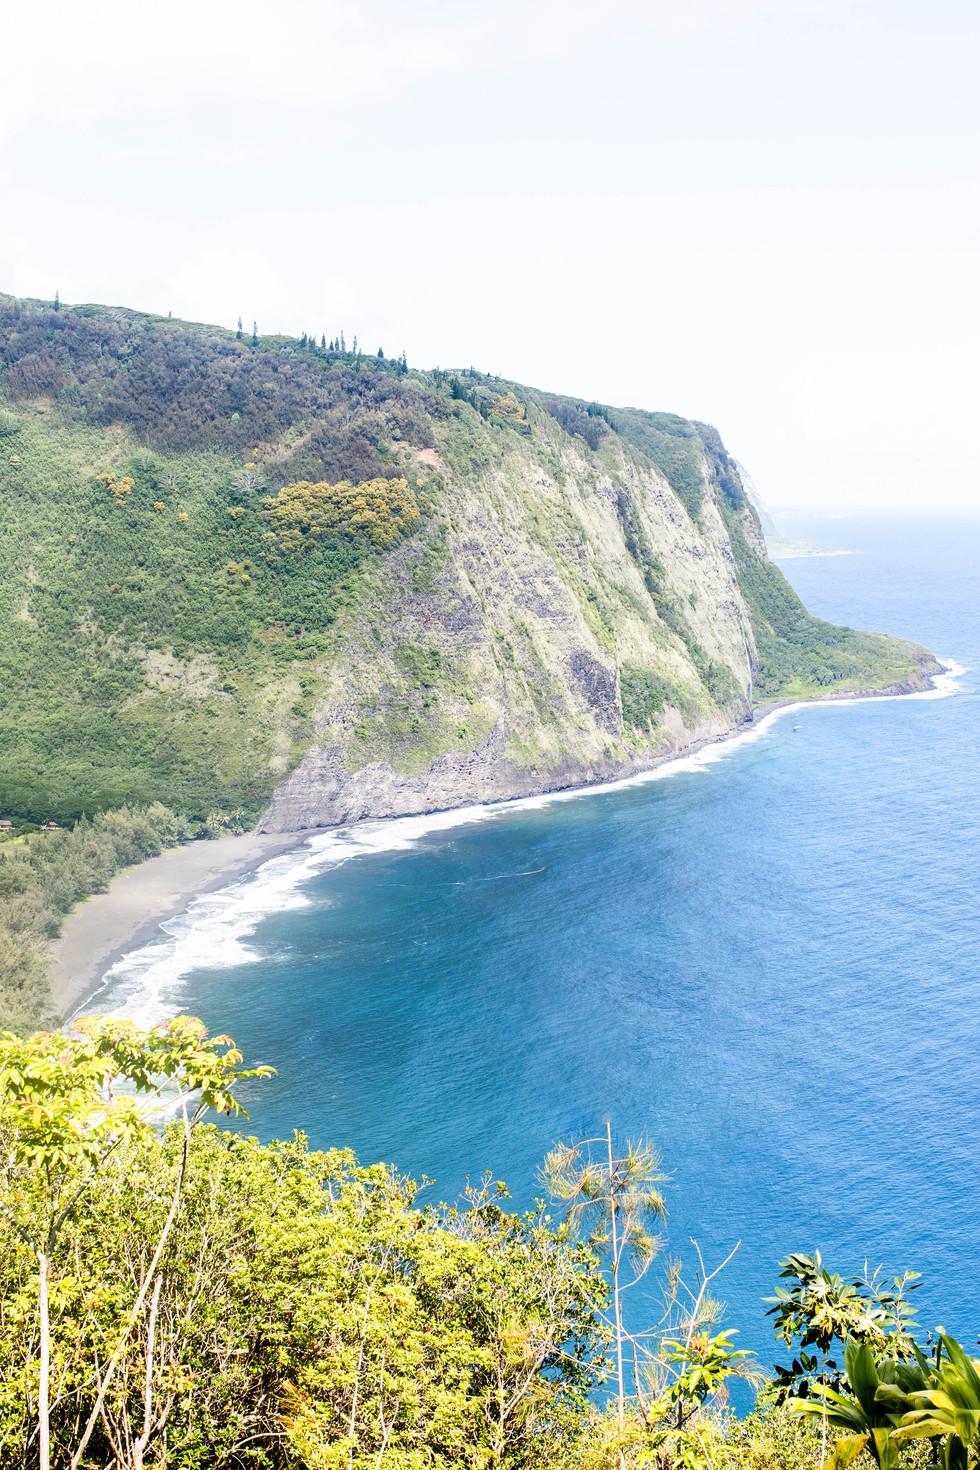 Travel - The Roommates go to Hawai'i - Part 2